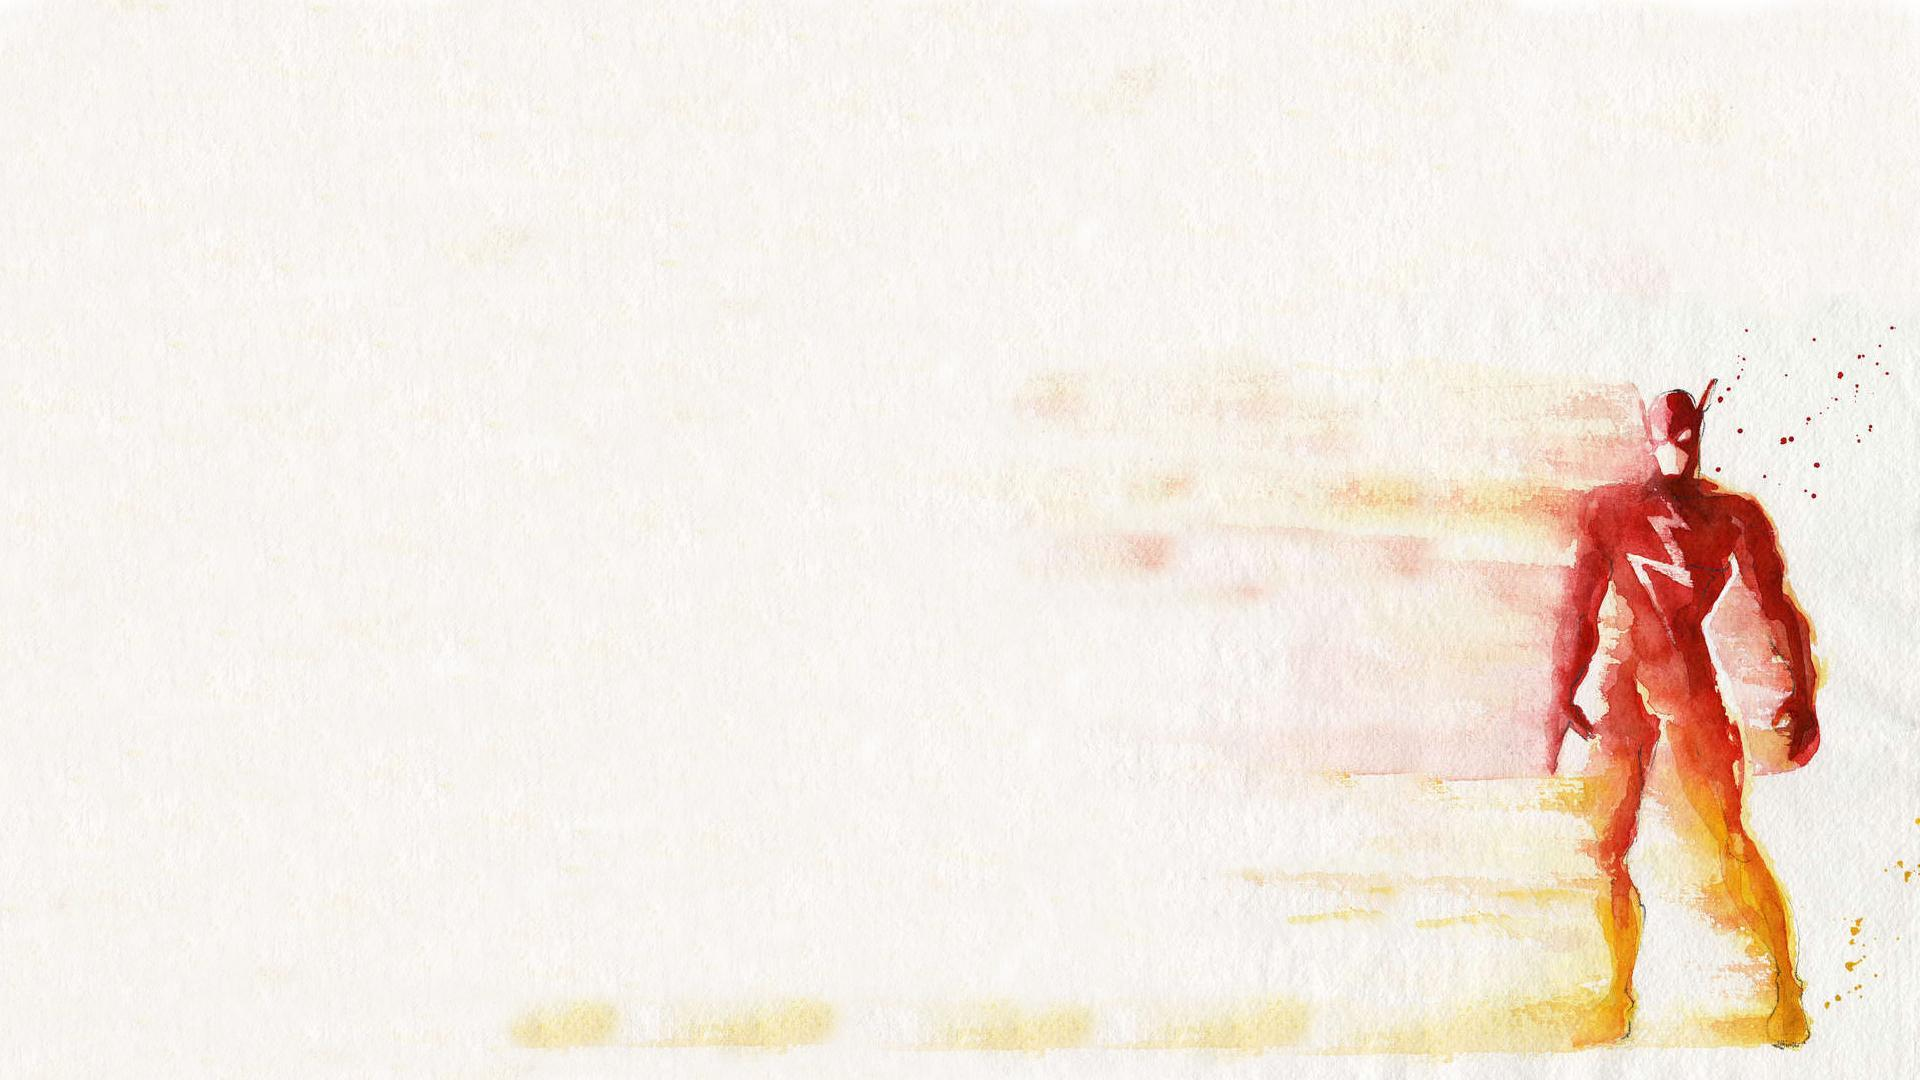 Flash Wallpaper 14 – HD Wallpaper, Wallpaper Pics - The Best ...